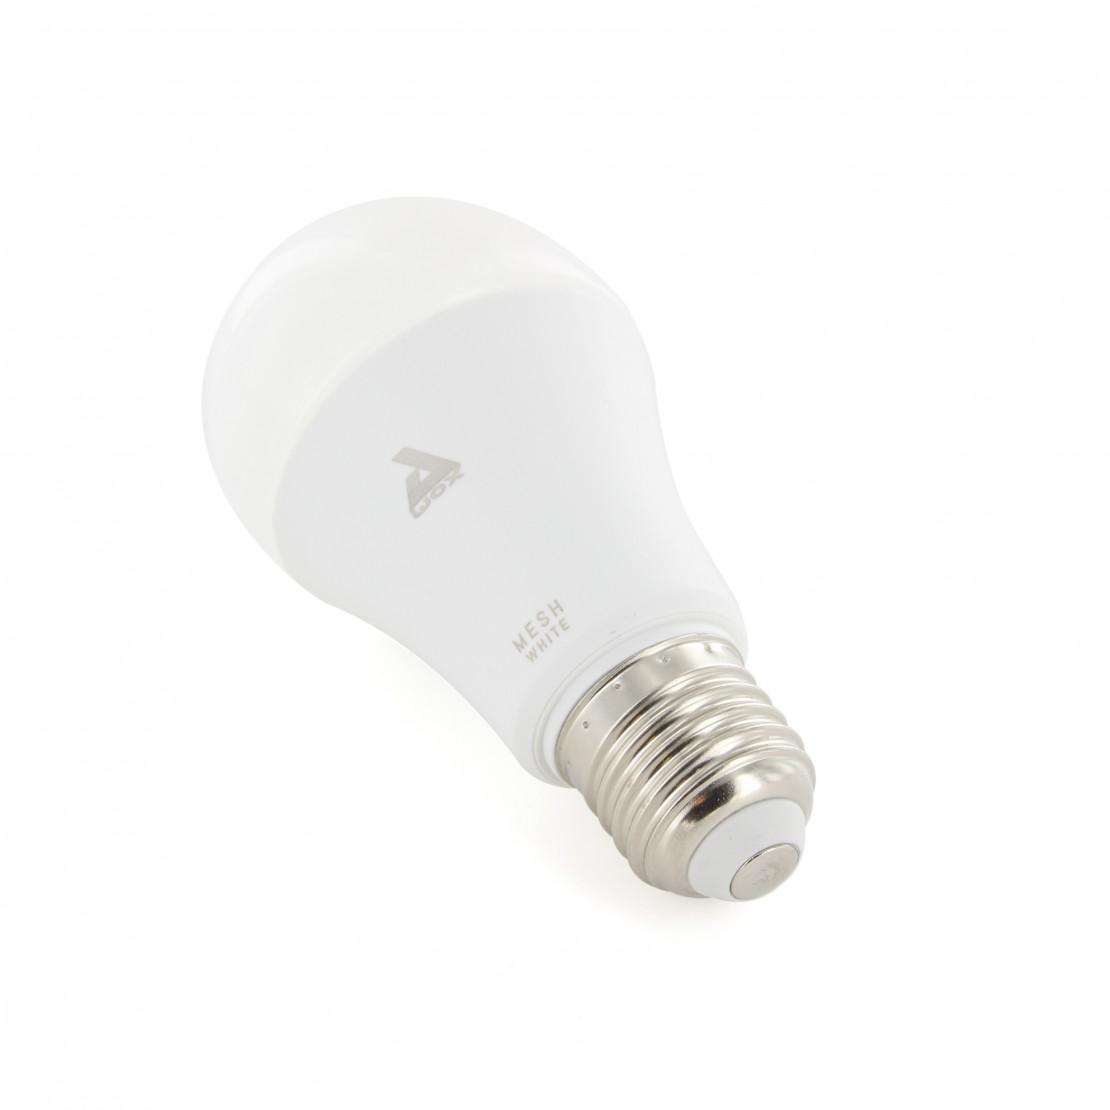 SmartLIGHT - E27 white bulb Bluetooth Mesh